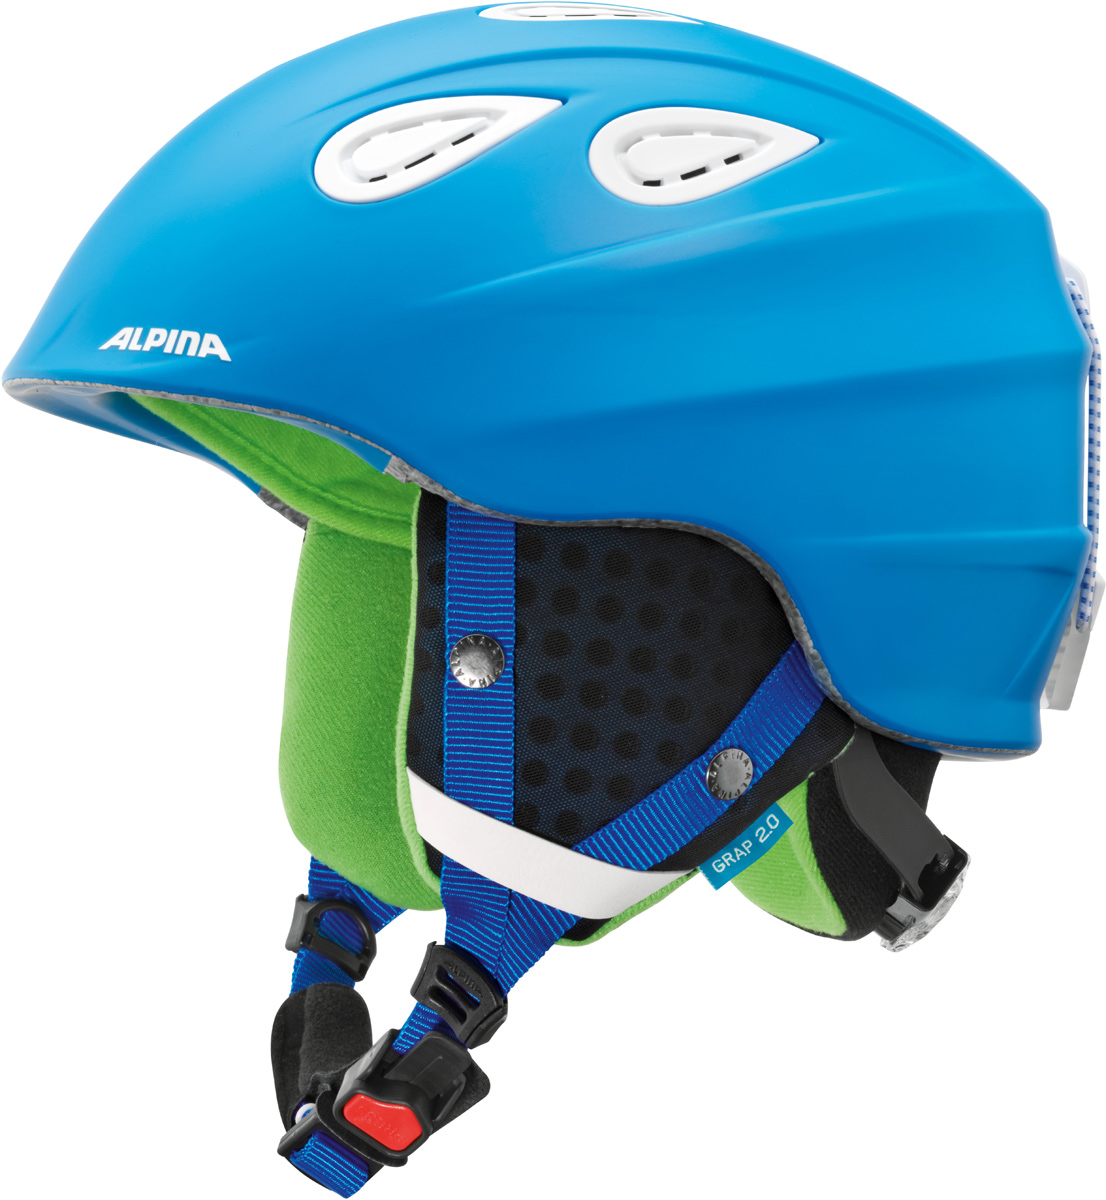 Шлем горнолыжный Alpina Grap 2.0, цвет: синий. A9085_83. Размер 57-61A9085_83Во всем мире популярность горнолыжного шлема Grap лишь набирает обороты. Alpina представляет обновленную версию самой продаваемой модели. Шлем Grap 2.0 сохранил отличительные особенности предыдущей модели и приобрел новые, за которые его выбирают райдеры по всему миру. Универсальность, легкость и прочность сделали его обязательным элементом экипировки любителей горнолыжного спорта. Модель также представлена в детской линейке шлемов.Технологии:Конструкция In-Mold - соединение внутреннего слоя из EPS (вспененного полистирола) с внешним покрытием под большим давлением в условиях высокой температуры. В результате внешняя поликарбонатная оболочка сохраняет форму конструкции, предотвращая поломку и попадание осколков внутрь шлема, а внутренний слой Hi-EPS, состоящий из множества наполненных воздухом гранул, амортизирует ударную волну, защищая голову райдера от повреждений.Внешнее покрытие Ceramic Shell обеспечивает повышенную ударопрочность и износостойкость, а также обладает защитой от УФ-излучений, препятствующей выгоранию на солнце, и антистатичными свойствами.Съемный внутренний тканевый слой. Подкладку можно постирать и легко вставить обратно. Своевременный уход за внутренником предотвращает появление неприятного запаха.Вентиляционная система с раздвижным механизмом с возможностью регулировки интенсивности потока воздуха.Классическая система регулировки в шлемах Alpina Run System с регулировочным кольцом на затылке позволяет быстро и легко подобрать оптимальную и комфортную плотность посадки на голове.Съемные ушки согревают в холодную погоду, а в теплую компактно хранятся в кармане куртки.Шейный воротник из микрофлиса в задней части шлема быстро согревает и не давит на шею.Ремешок фиксируется кнопкой с запирающим механизмом. Застежка максимально удобна для использования в перчатках.Система Edge Protect в конструкции шлема защищает голову горнолыжника при боковом ударе.Система Y-Clip гарантиру